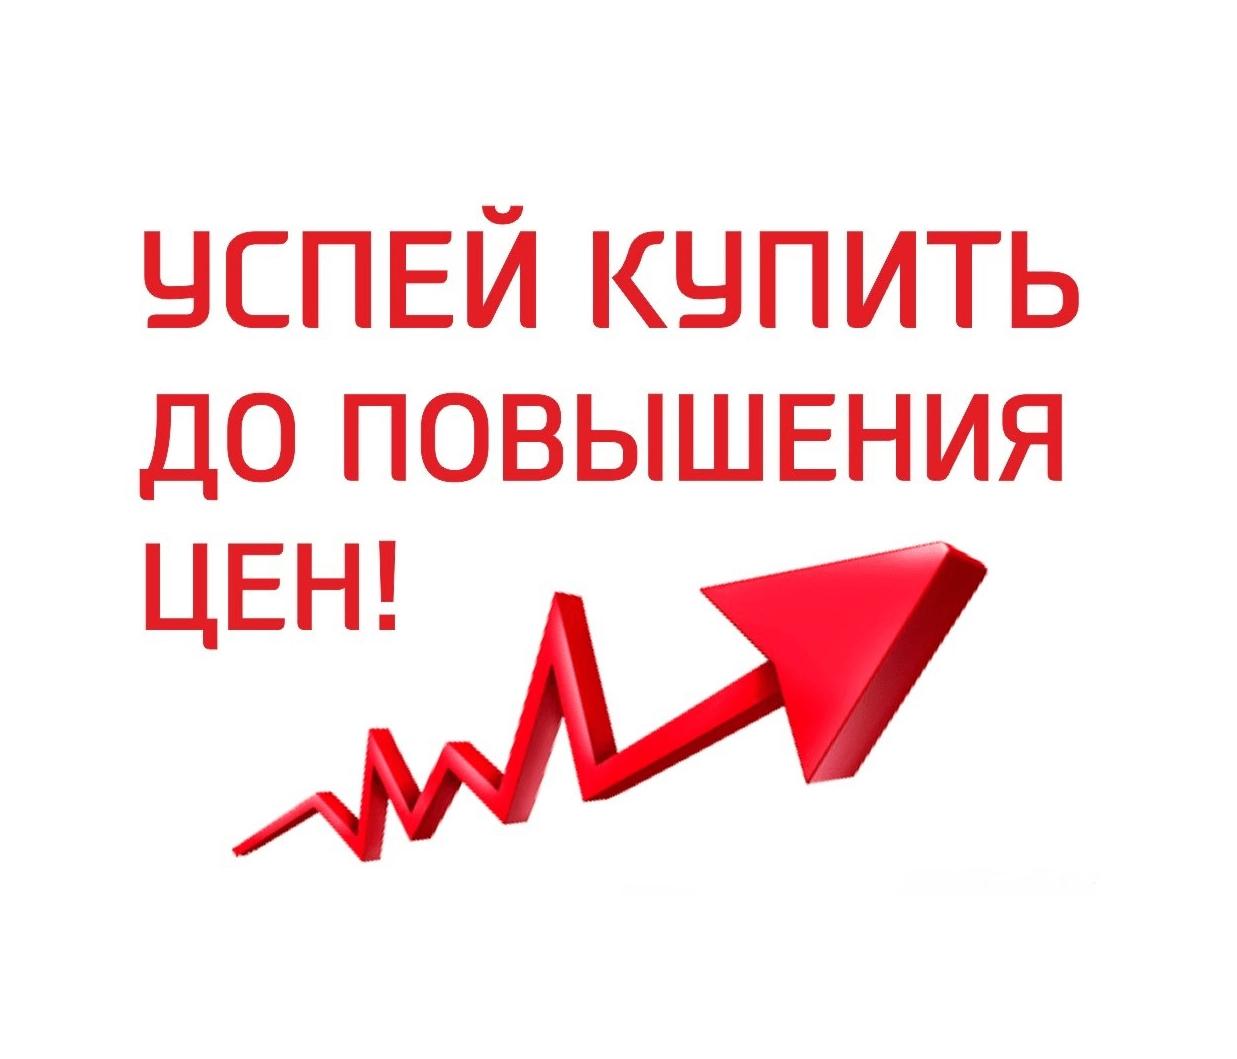 Повышение стоимости продукции Основа с 1 апреля